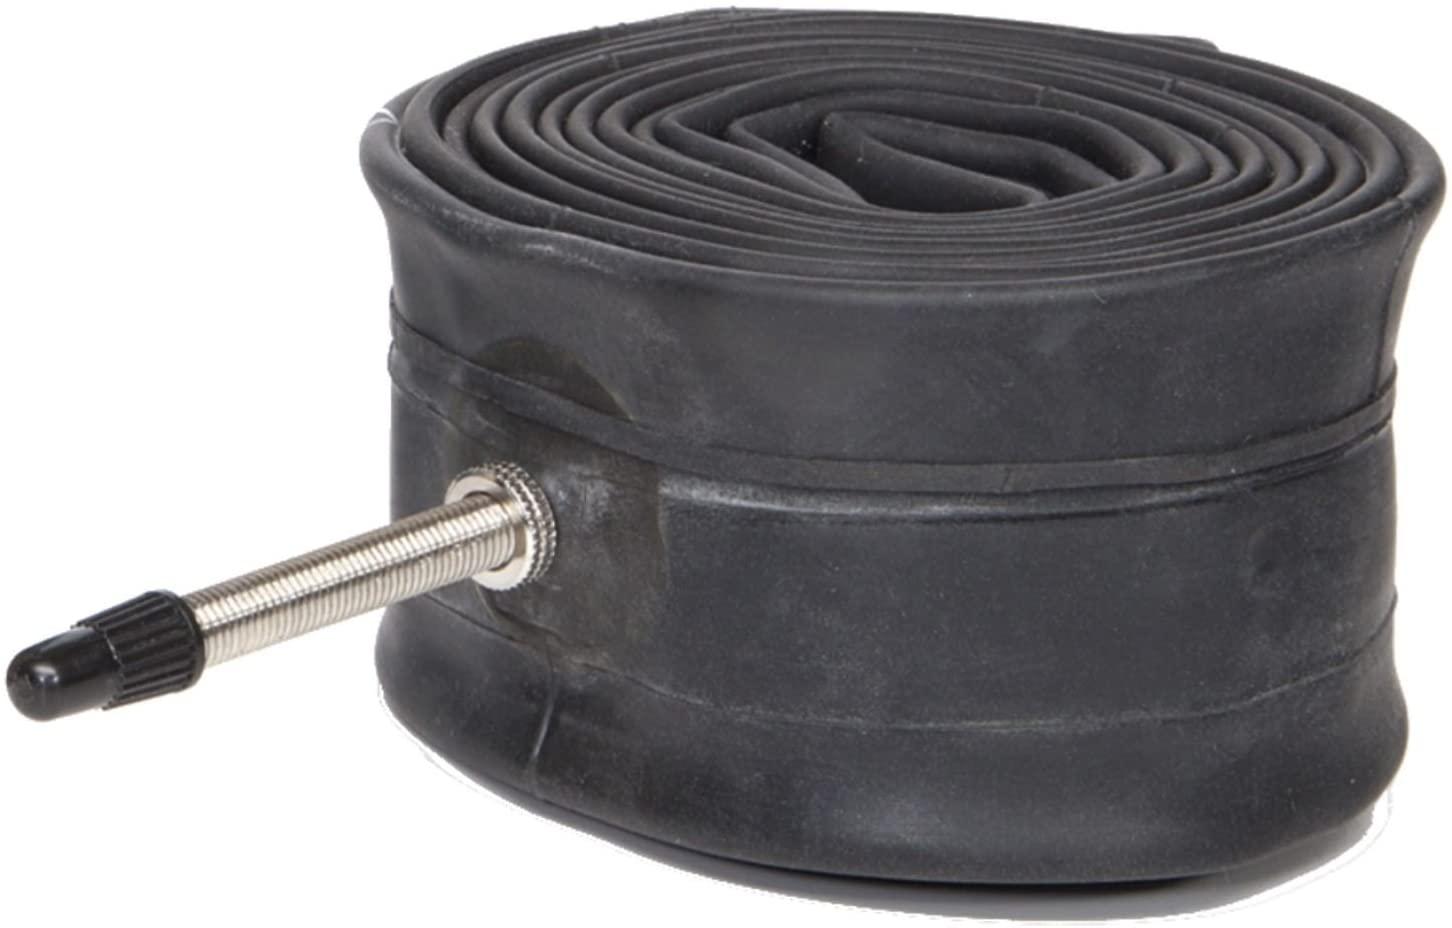 Nutrak Unisex-Youth Tube 20 x 1 3/8 Prst 37 451 Inner, Standard